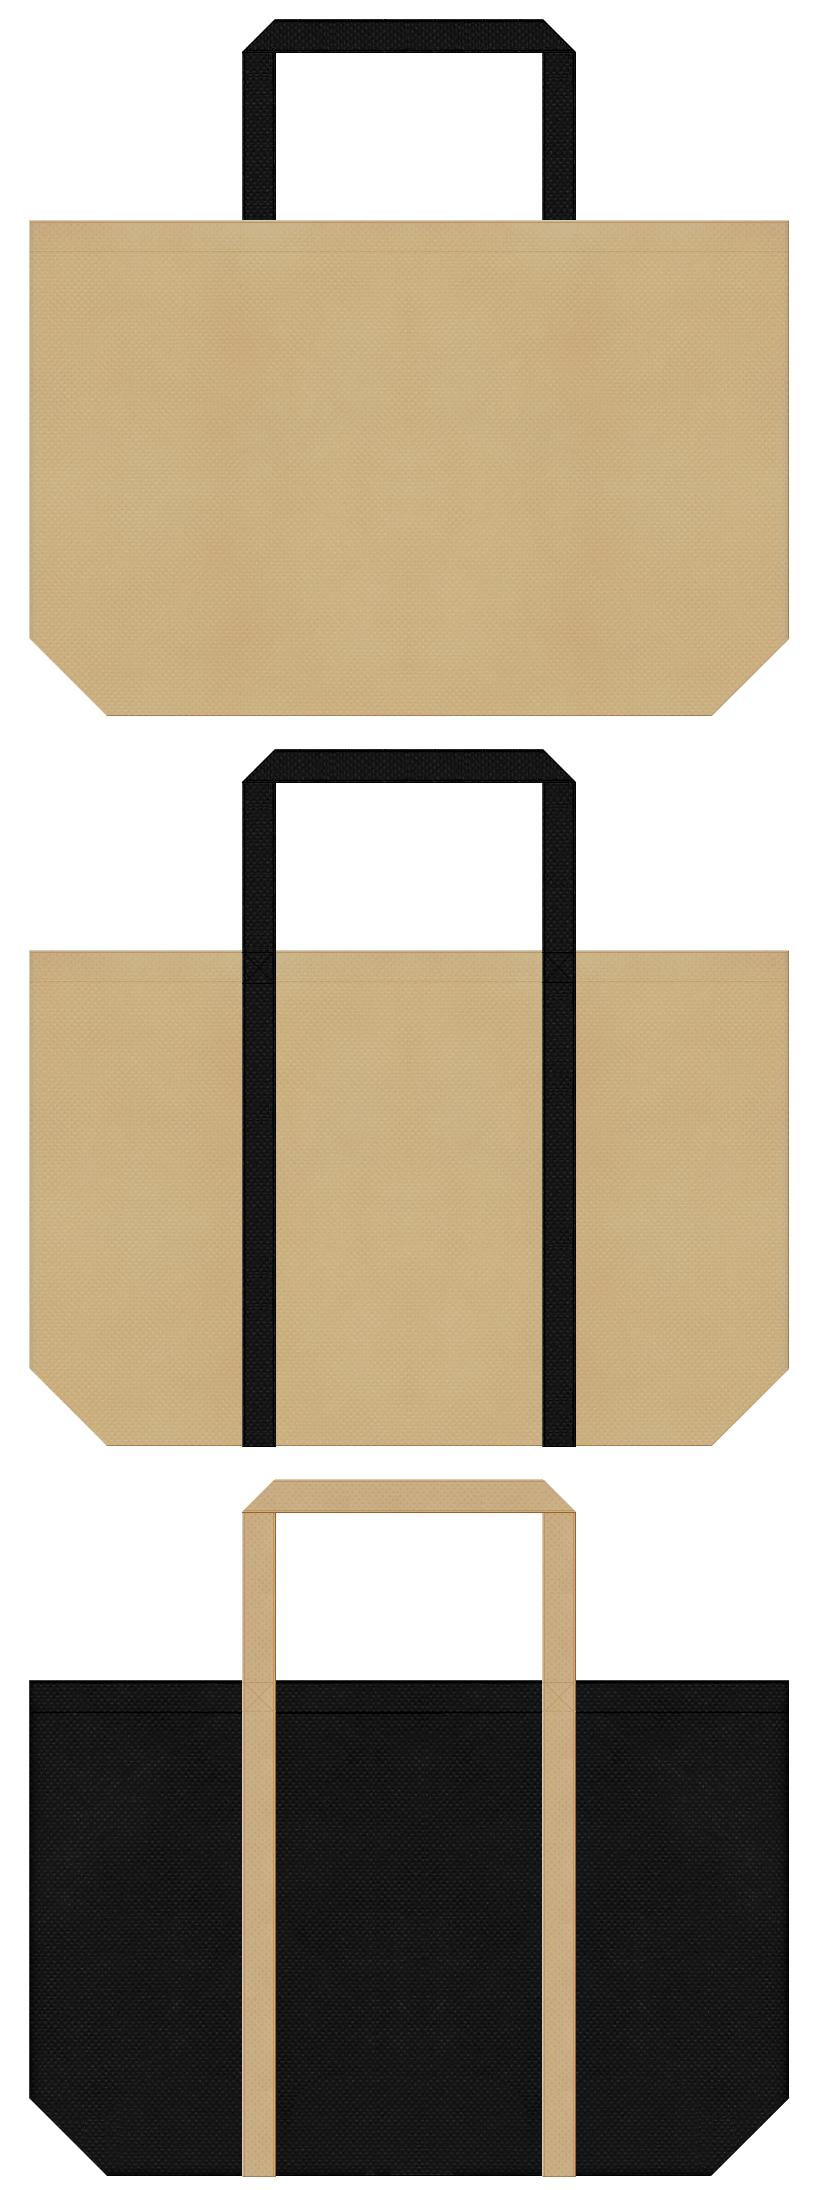 炭火焼・襖・額縁・表具・和室・書道・城下町・提灯・下駄・瓦・ゲーム・戦国・お城イベントにお奨めの不織布バッグデザイン:カーキ色と黒色のコーデ